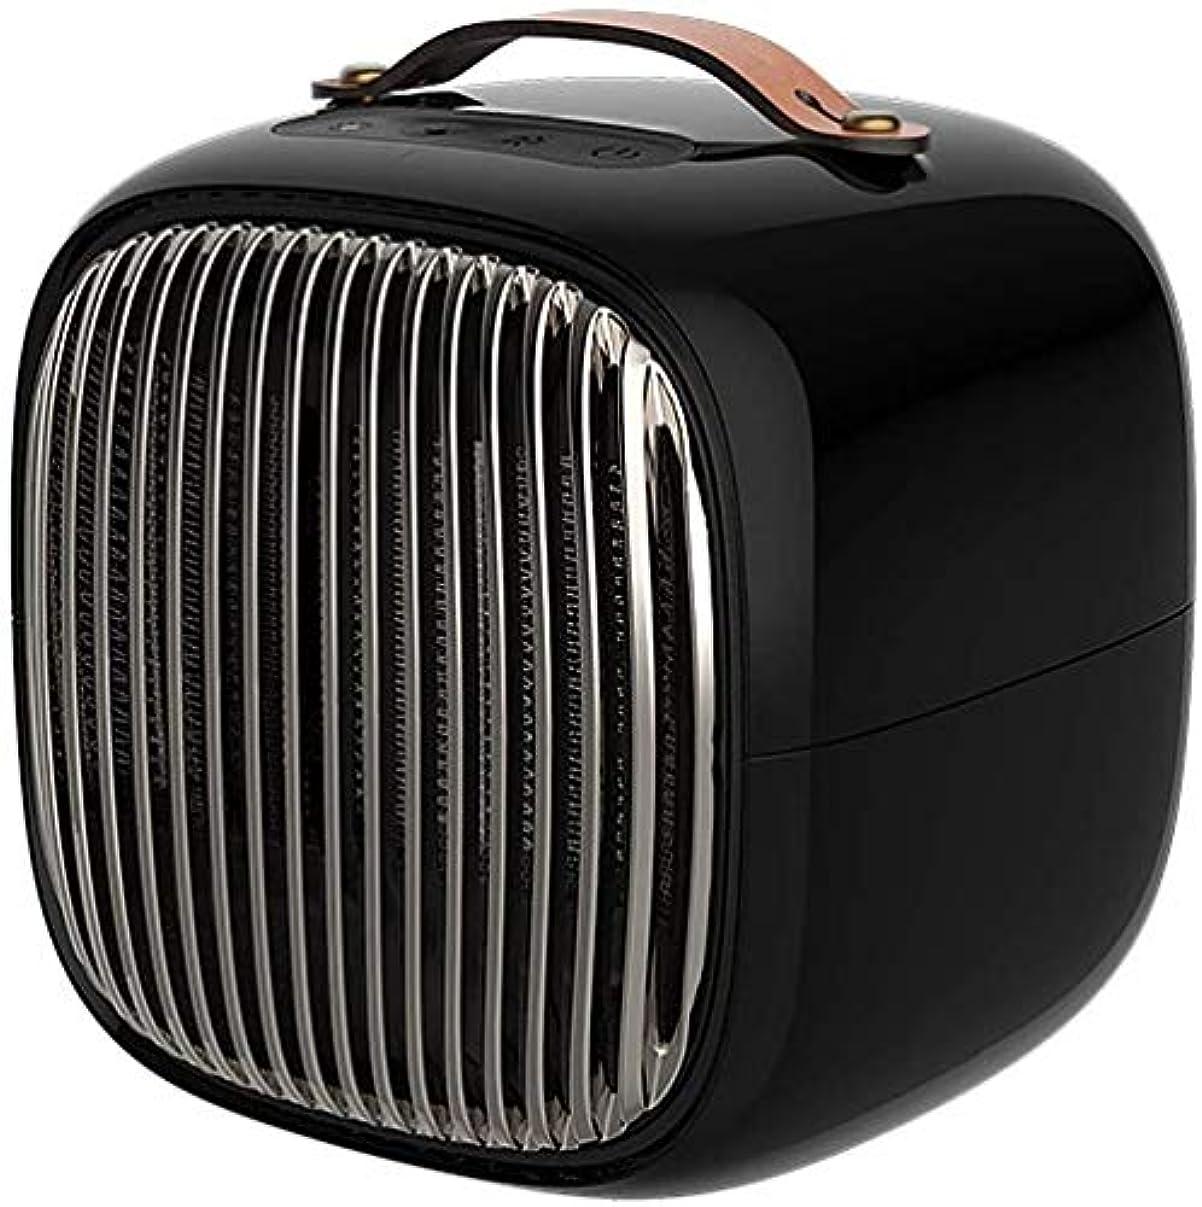 演じる処方する尋ねるレッドスターセラミックスペースヒーターポータブルミニ電動ヒーターファン(調節可能なサーモスタット付き)ホット&ナチュラルウインド、2秒ヒートアップ自動振動とシャットオフヒントオーバーオーバーヒート保護超低音、家庭用のオフィスバスルーム、800W (ホワイト) (ブラック)